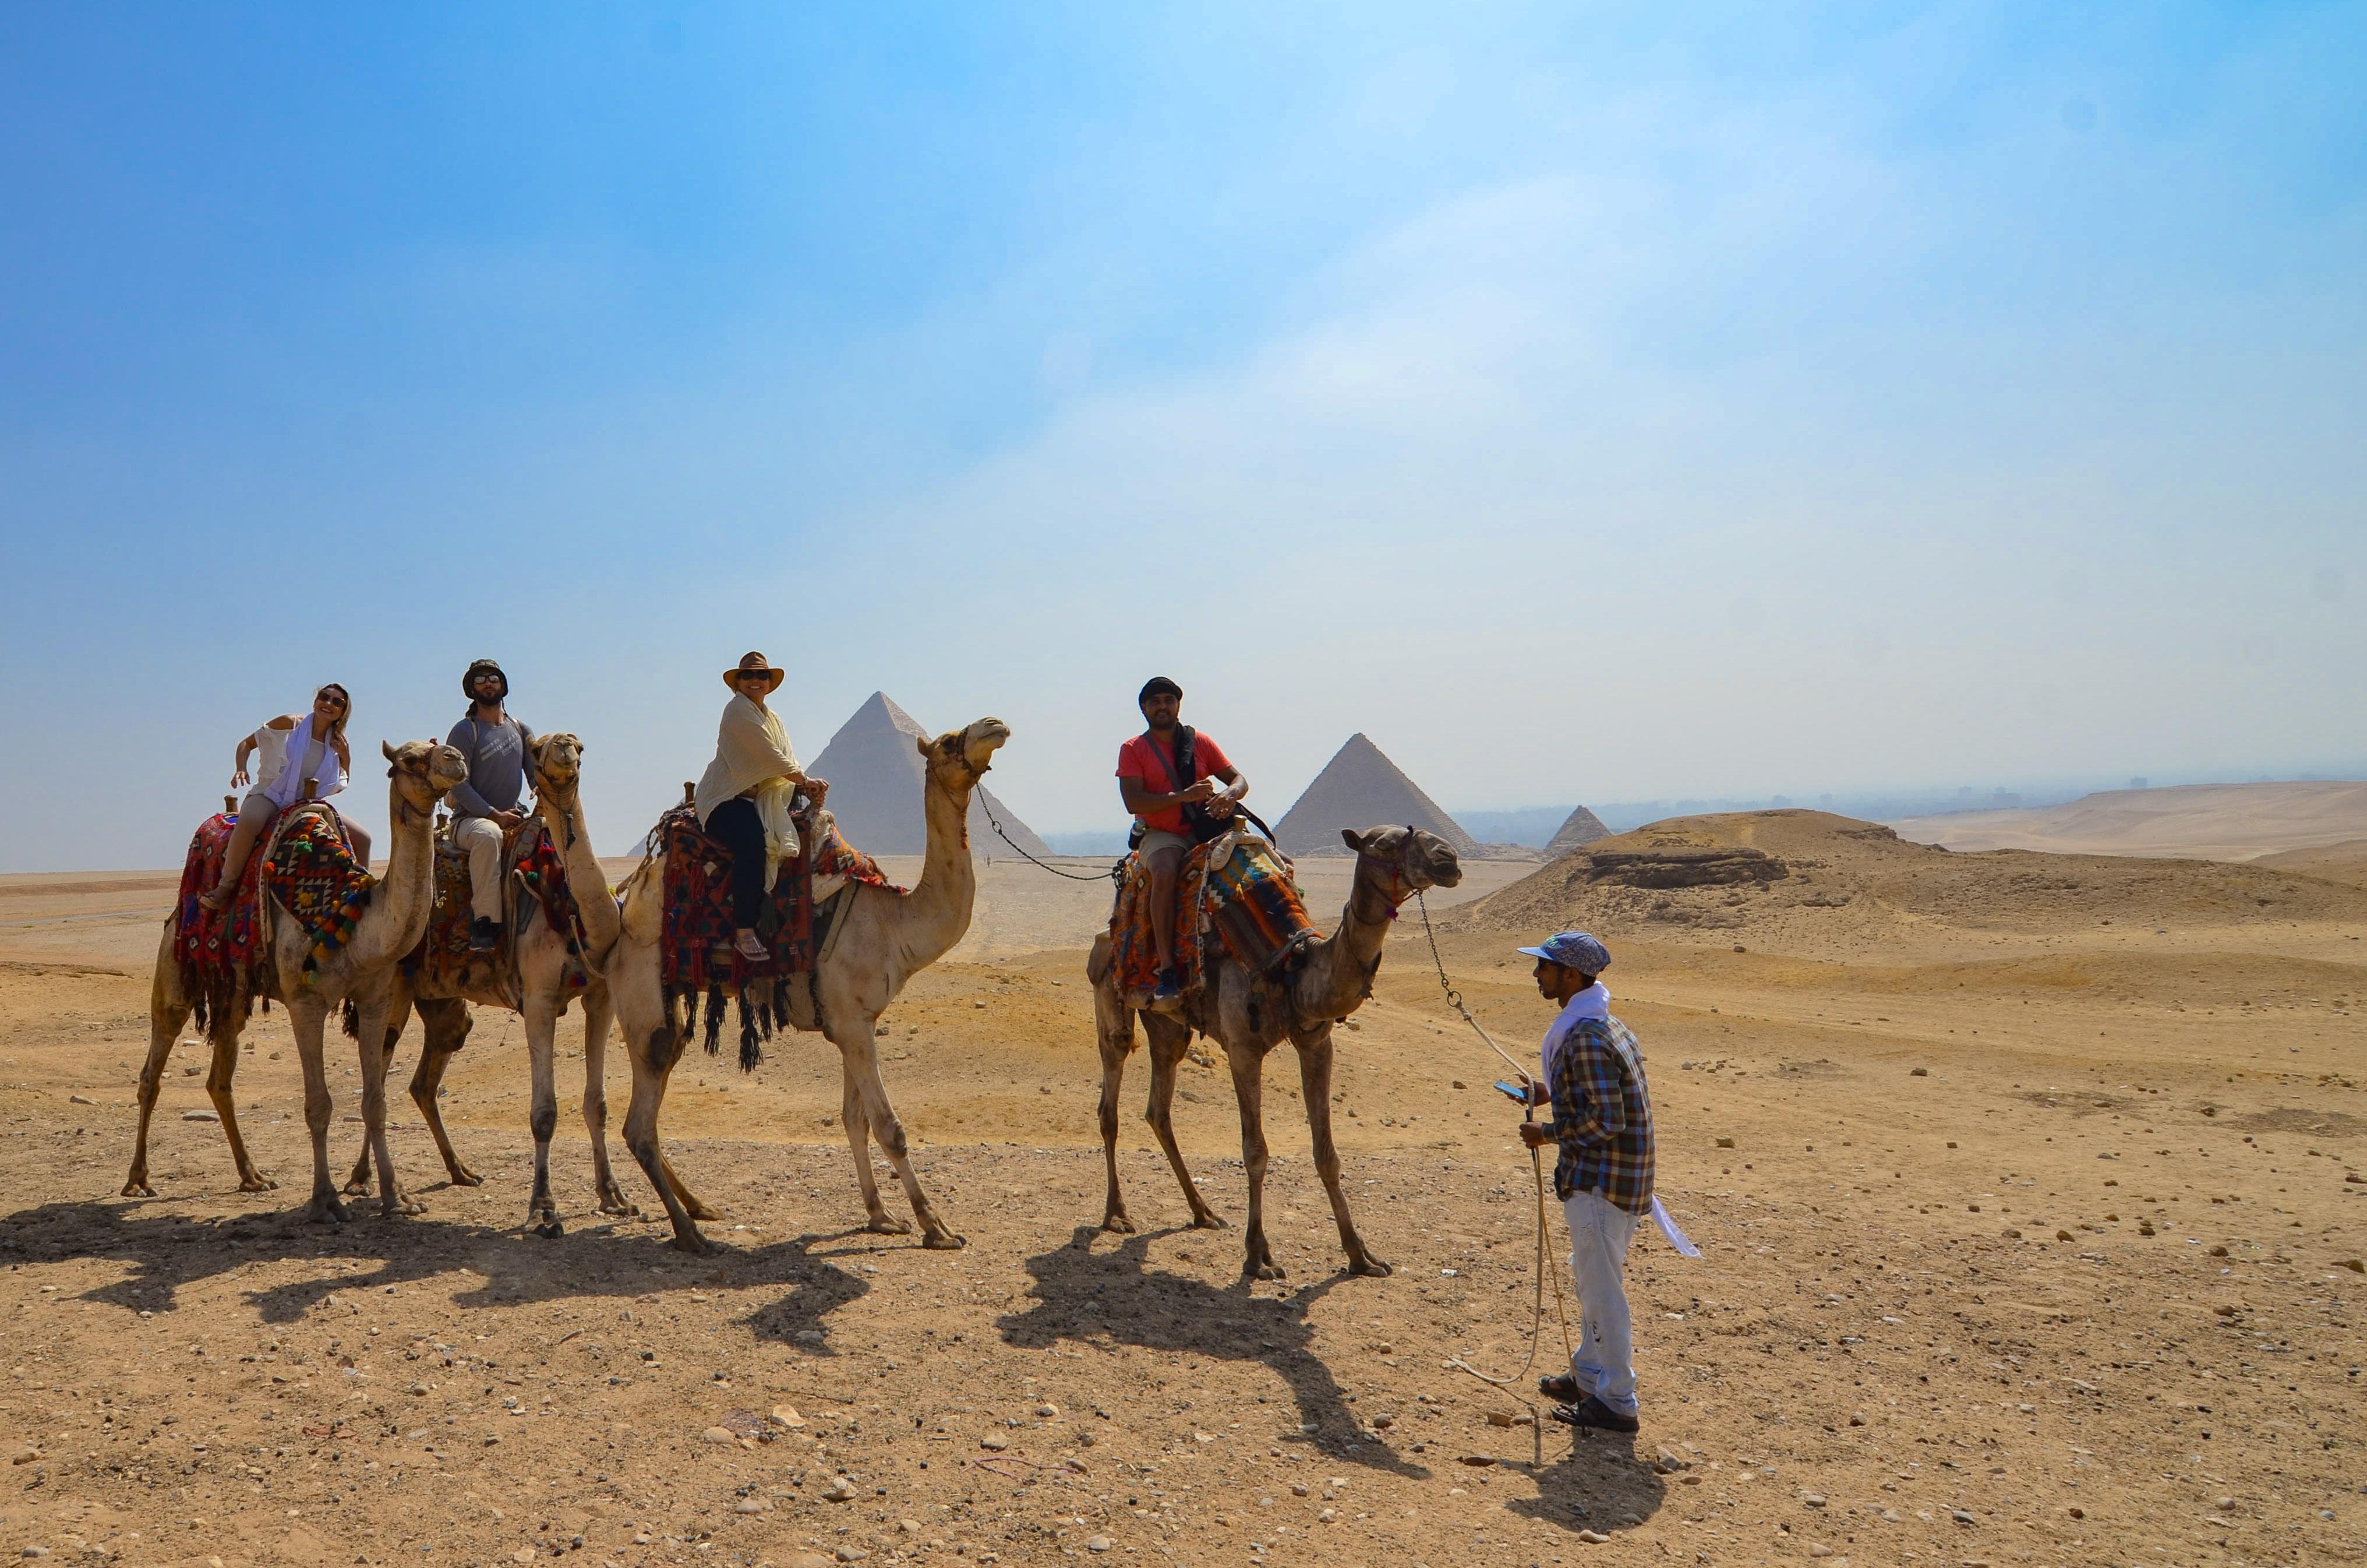 Erika_Piramides 2